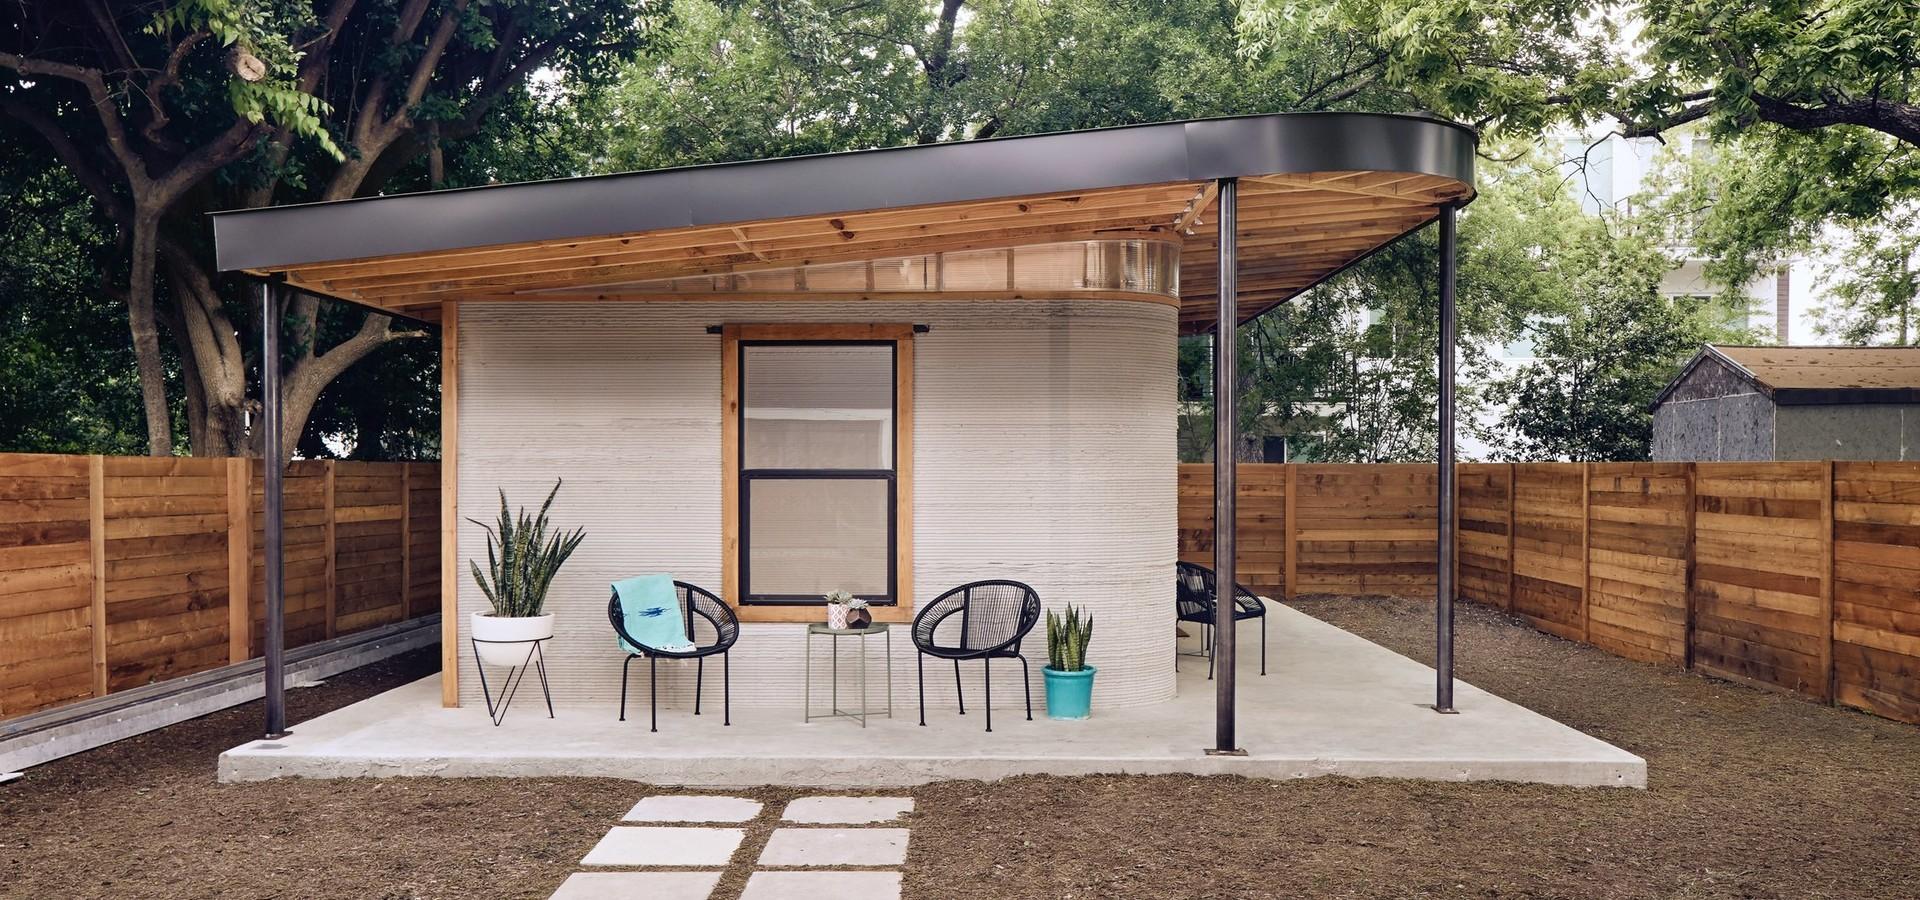 Home | ICON BUILD